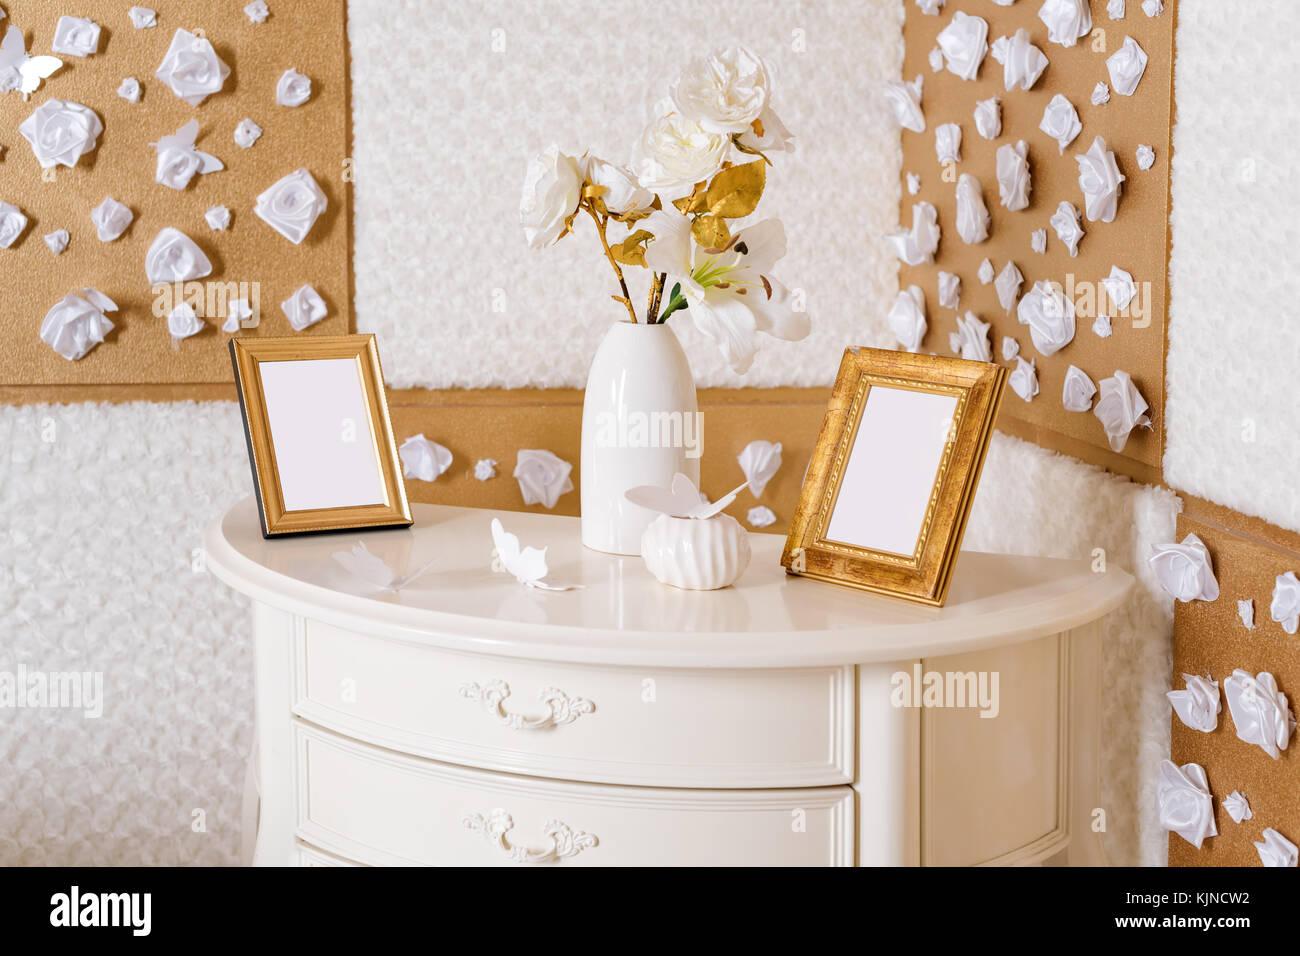 Vase mit Blumen und Bilderrahmen auf einer Tabelle in weißen und ...